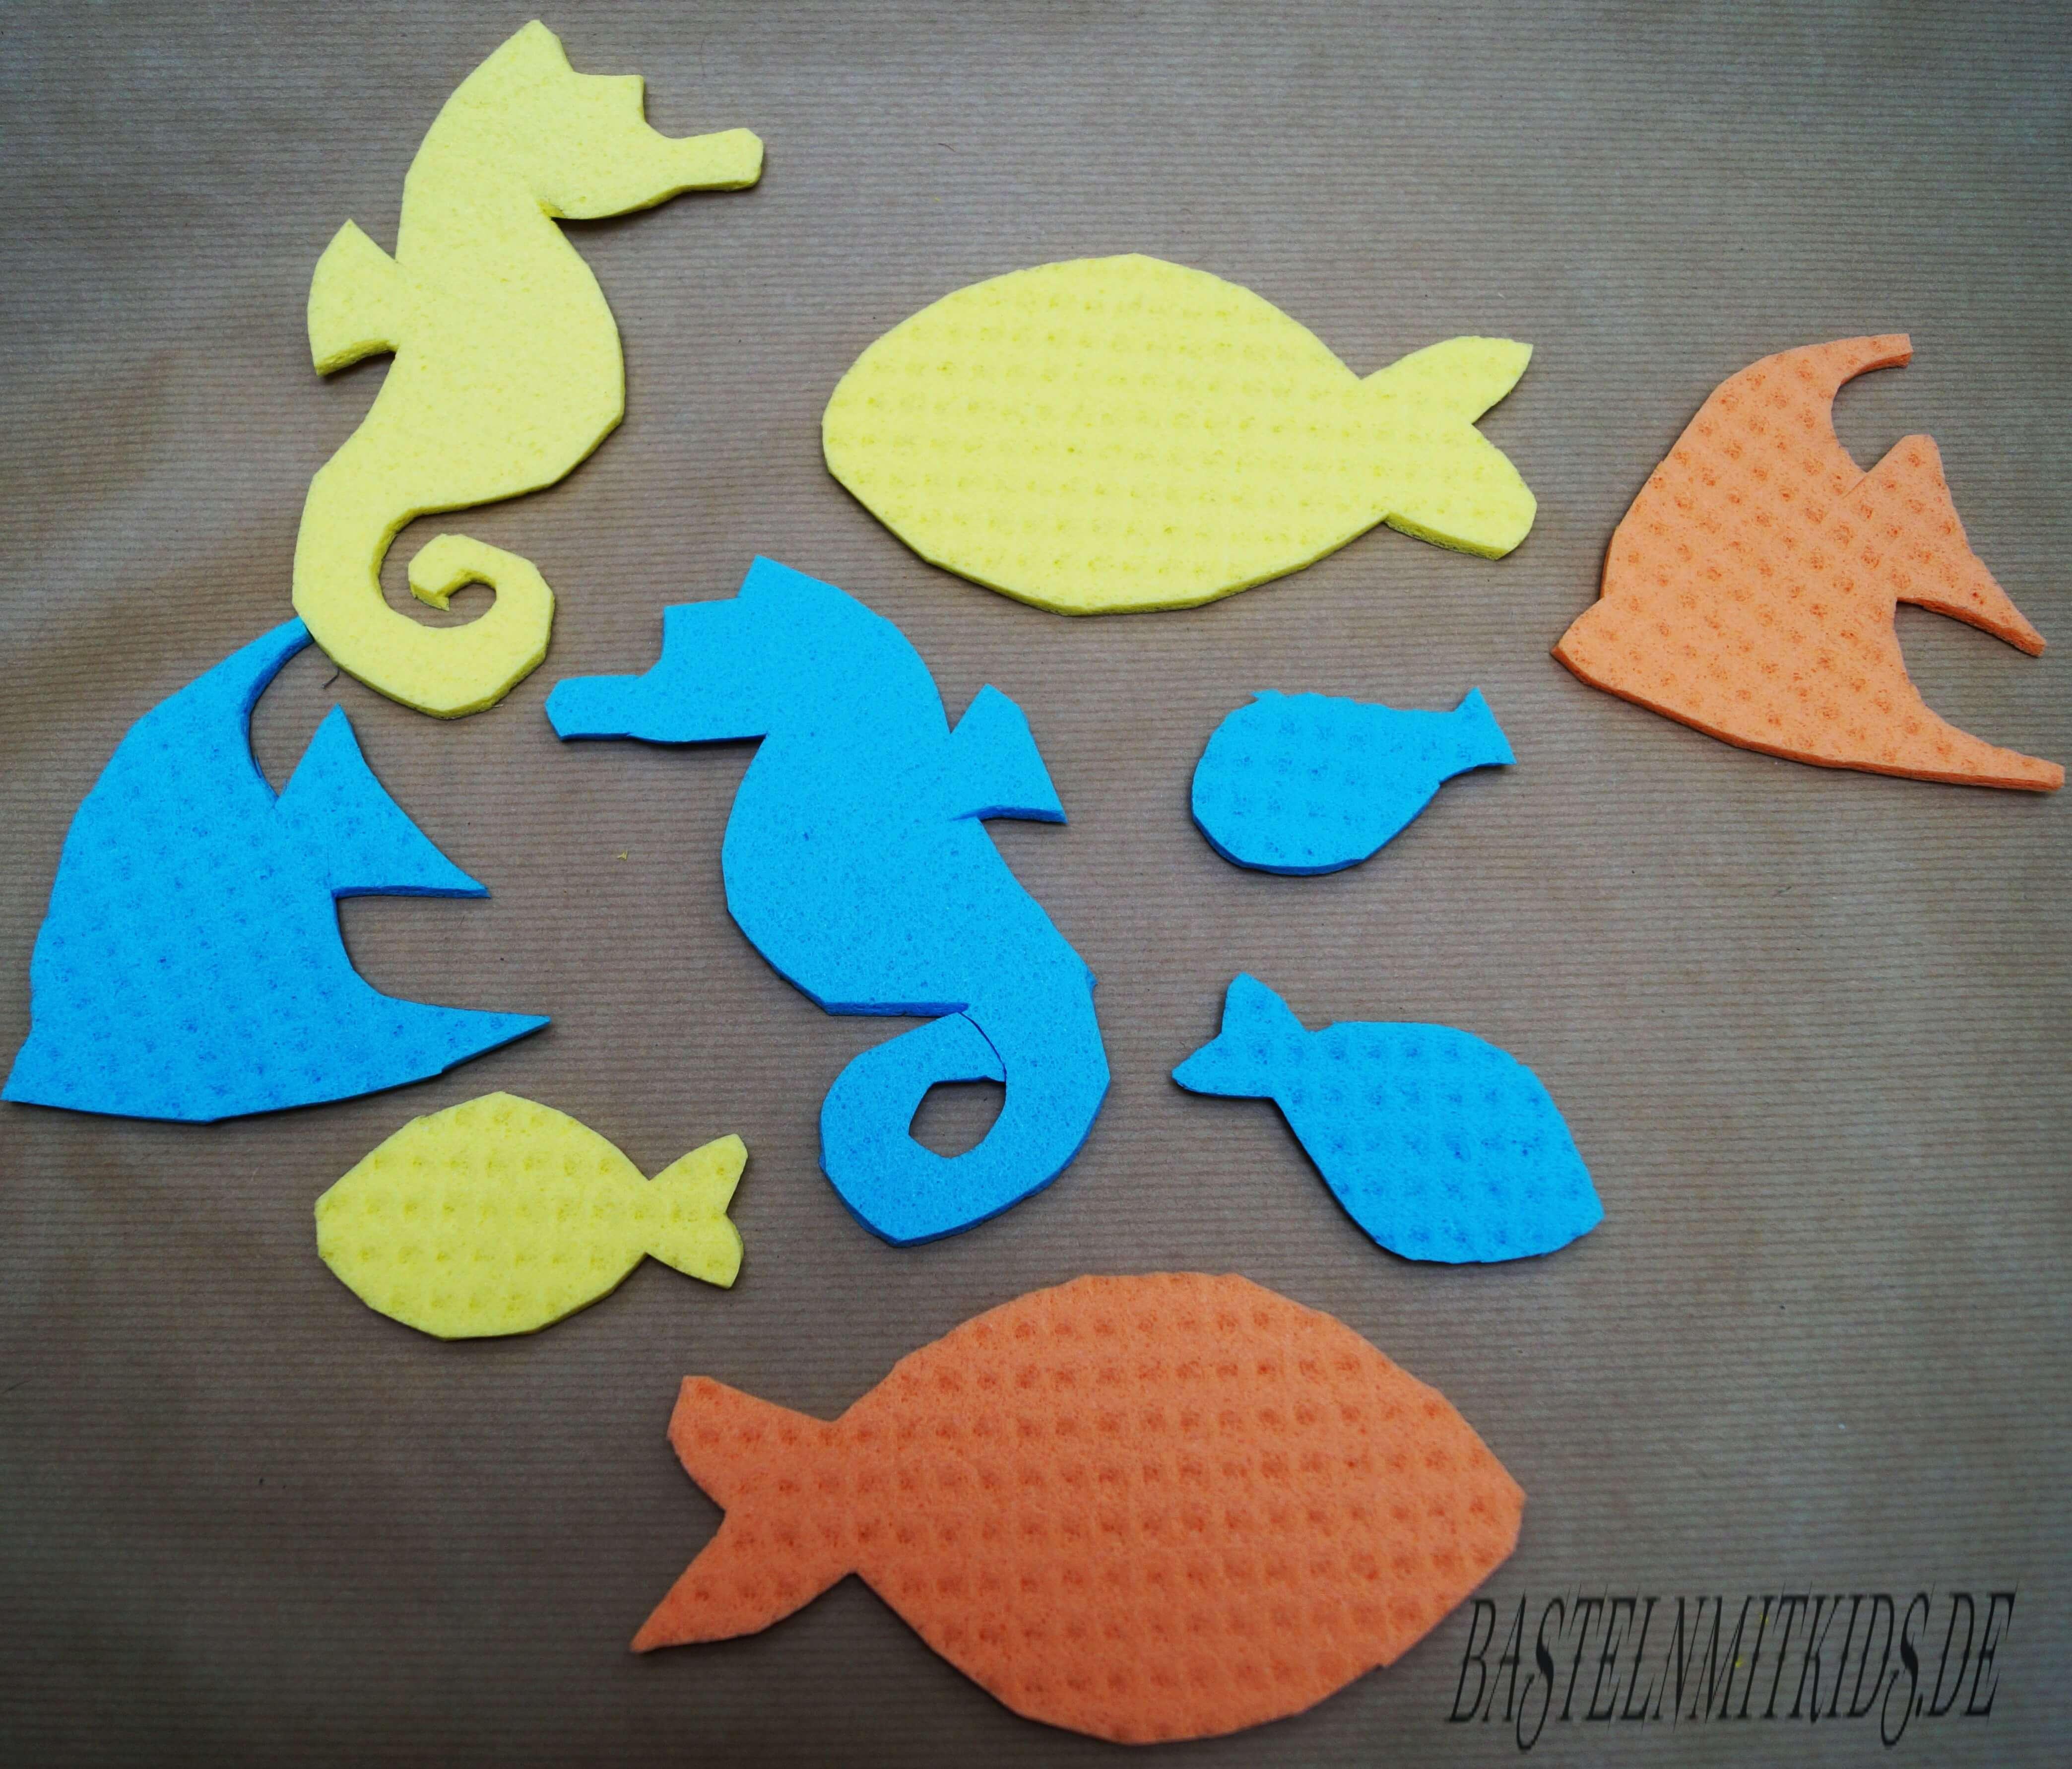 angelspiele schnapp dir den fisch  basteln mit kindern